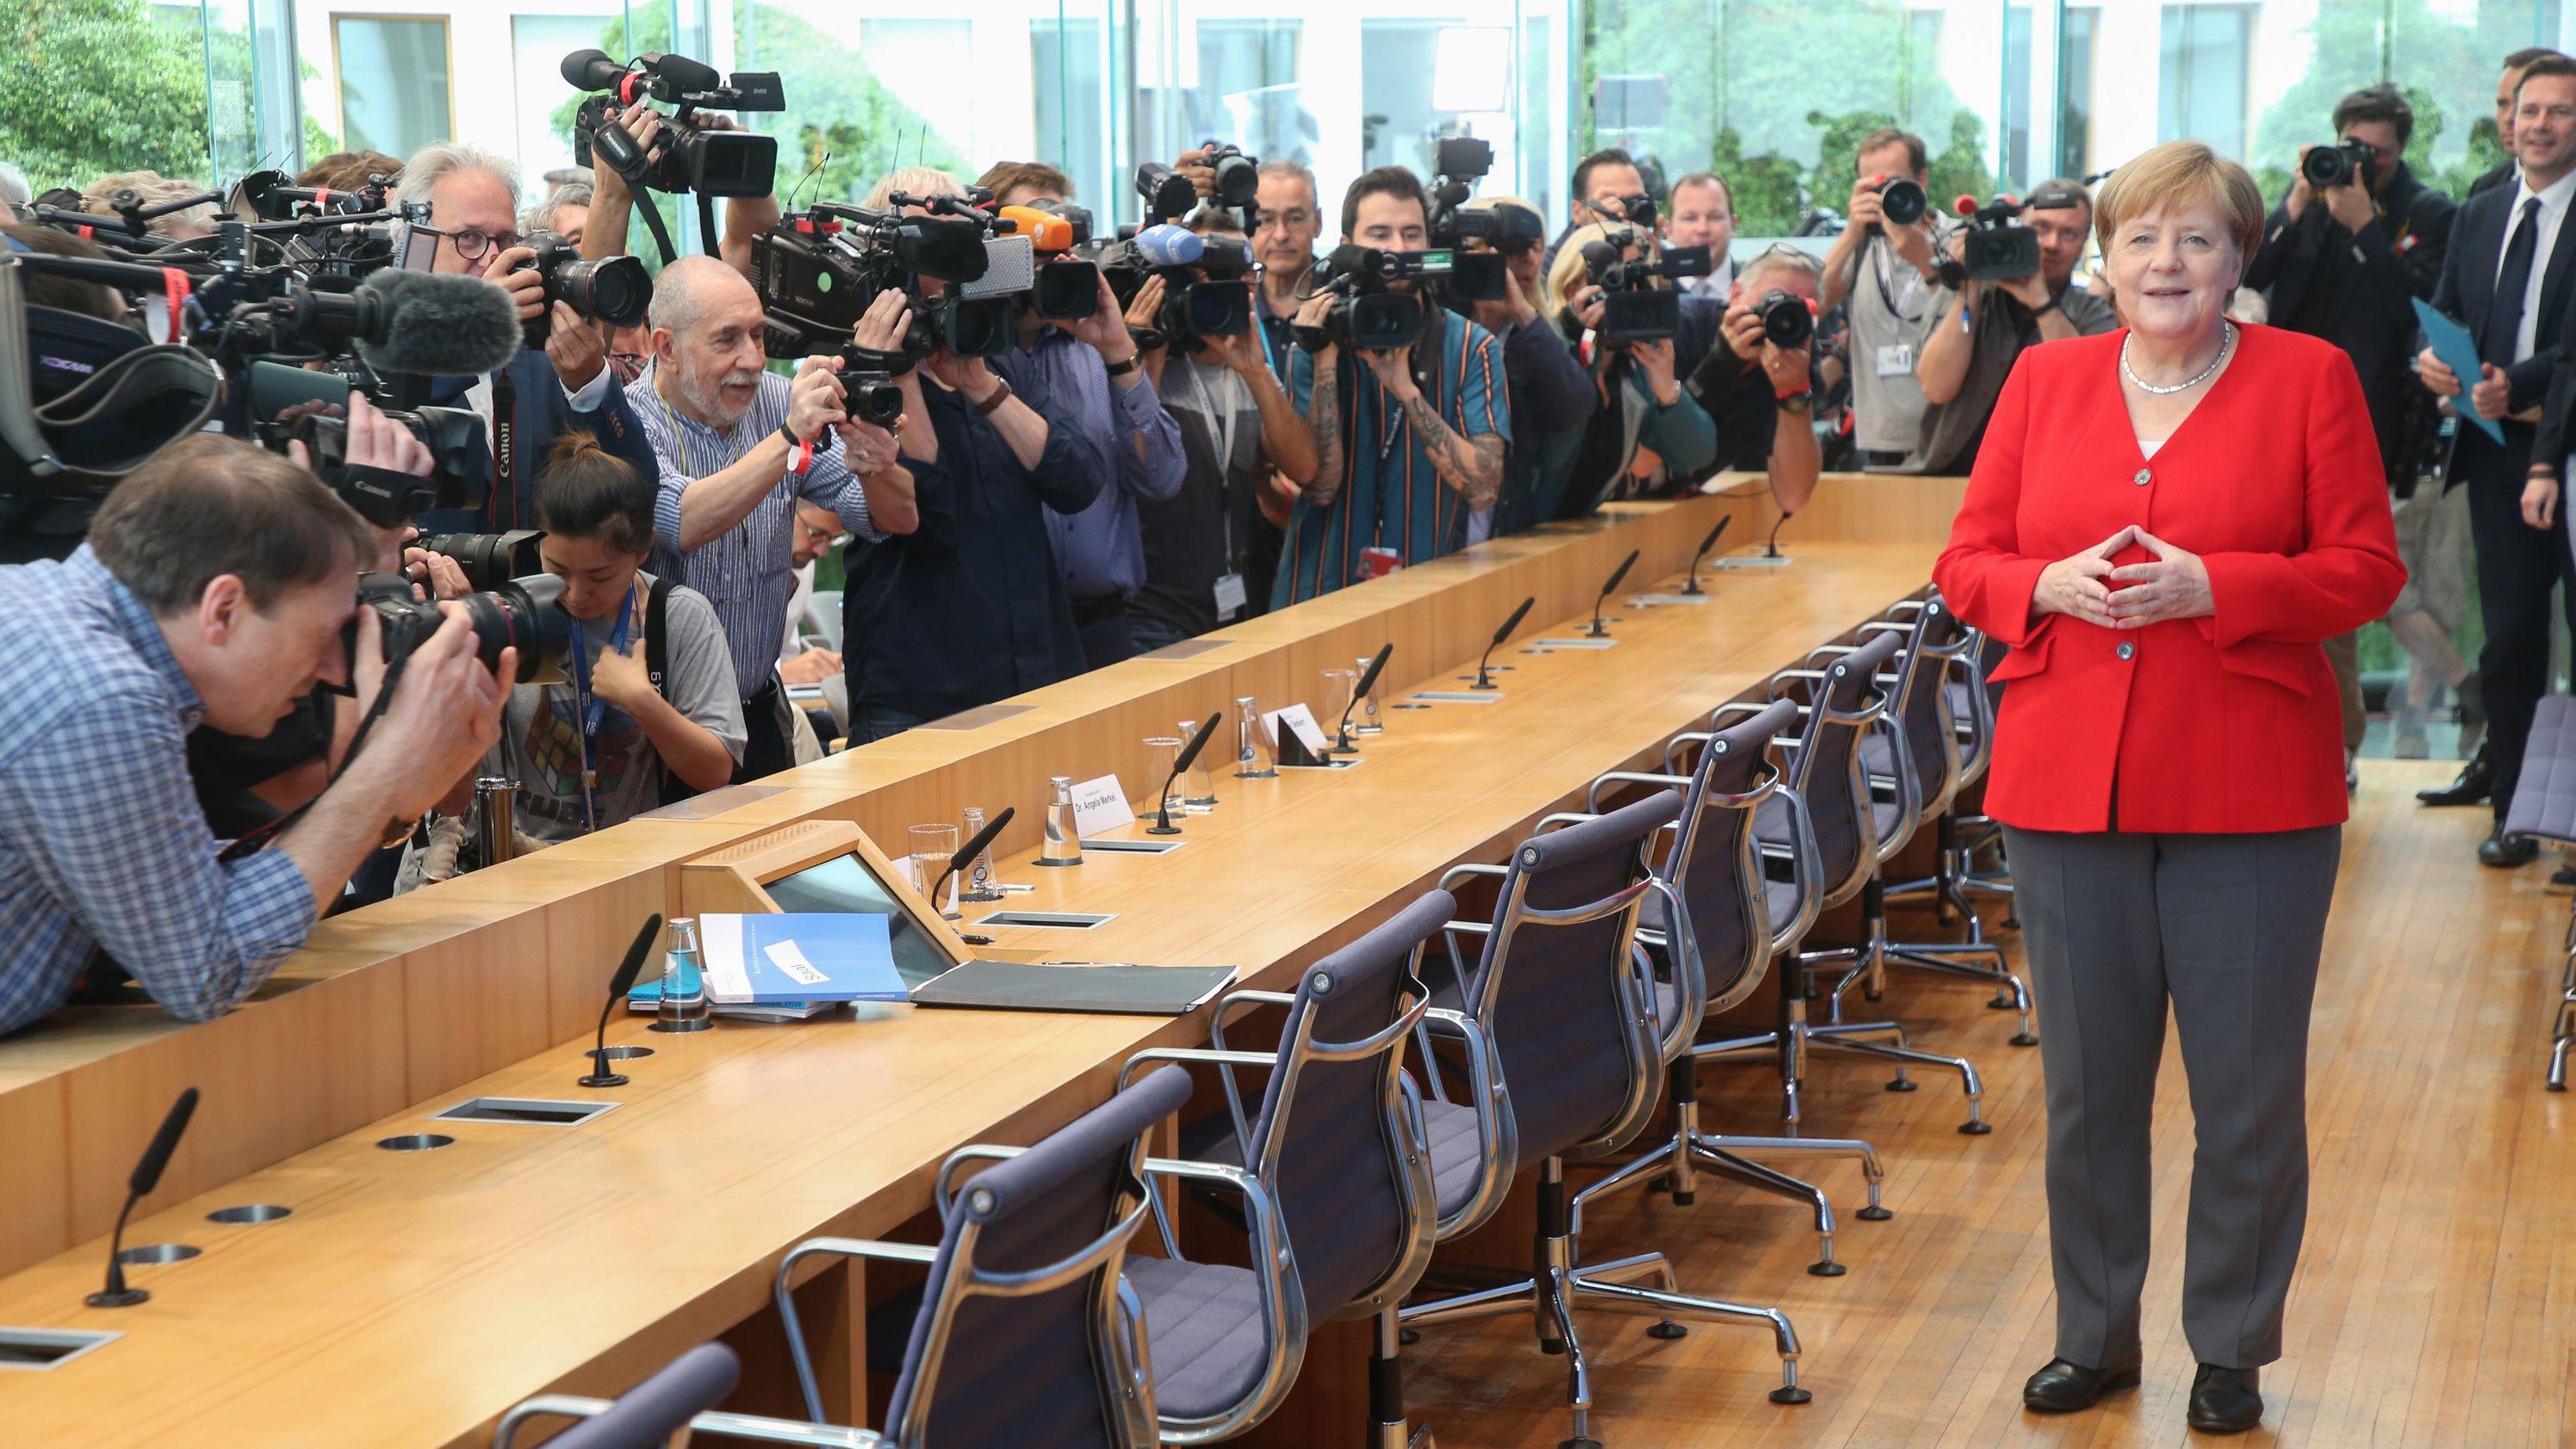 Bundeskanzlerin Angela Merkel stellte sich traditionell vor ihrer Sommerpause den Fragen von Journalisten in der Bundespressekonfernz.